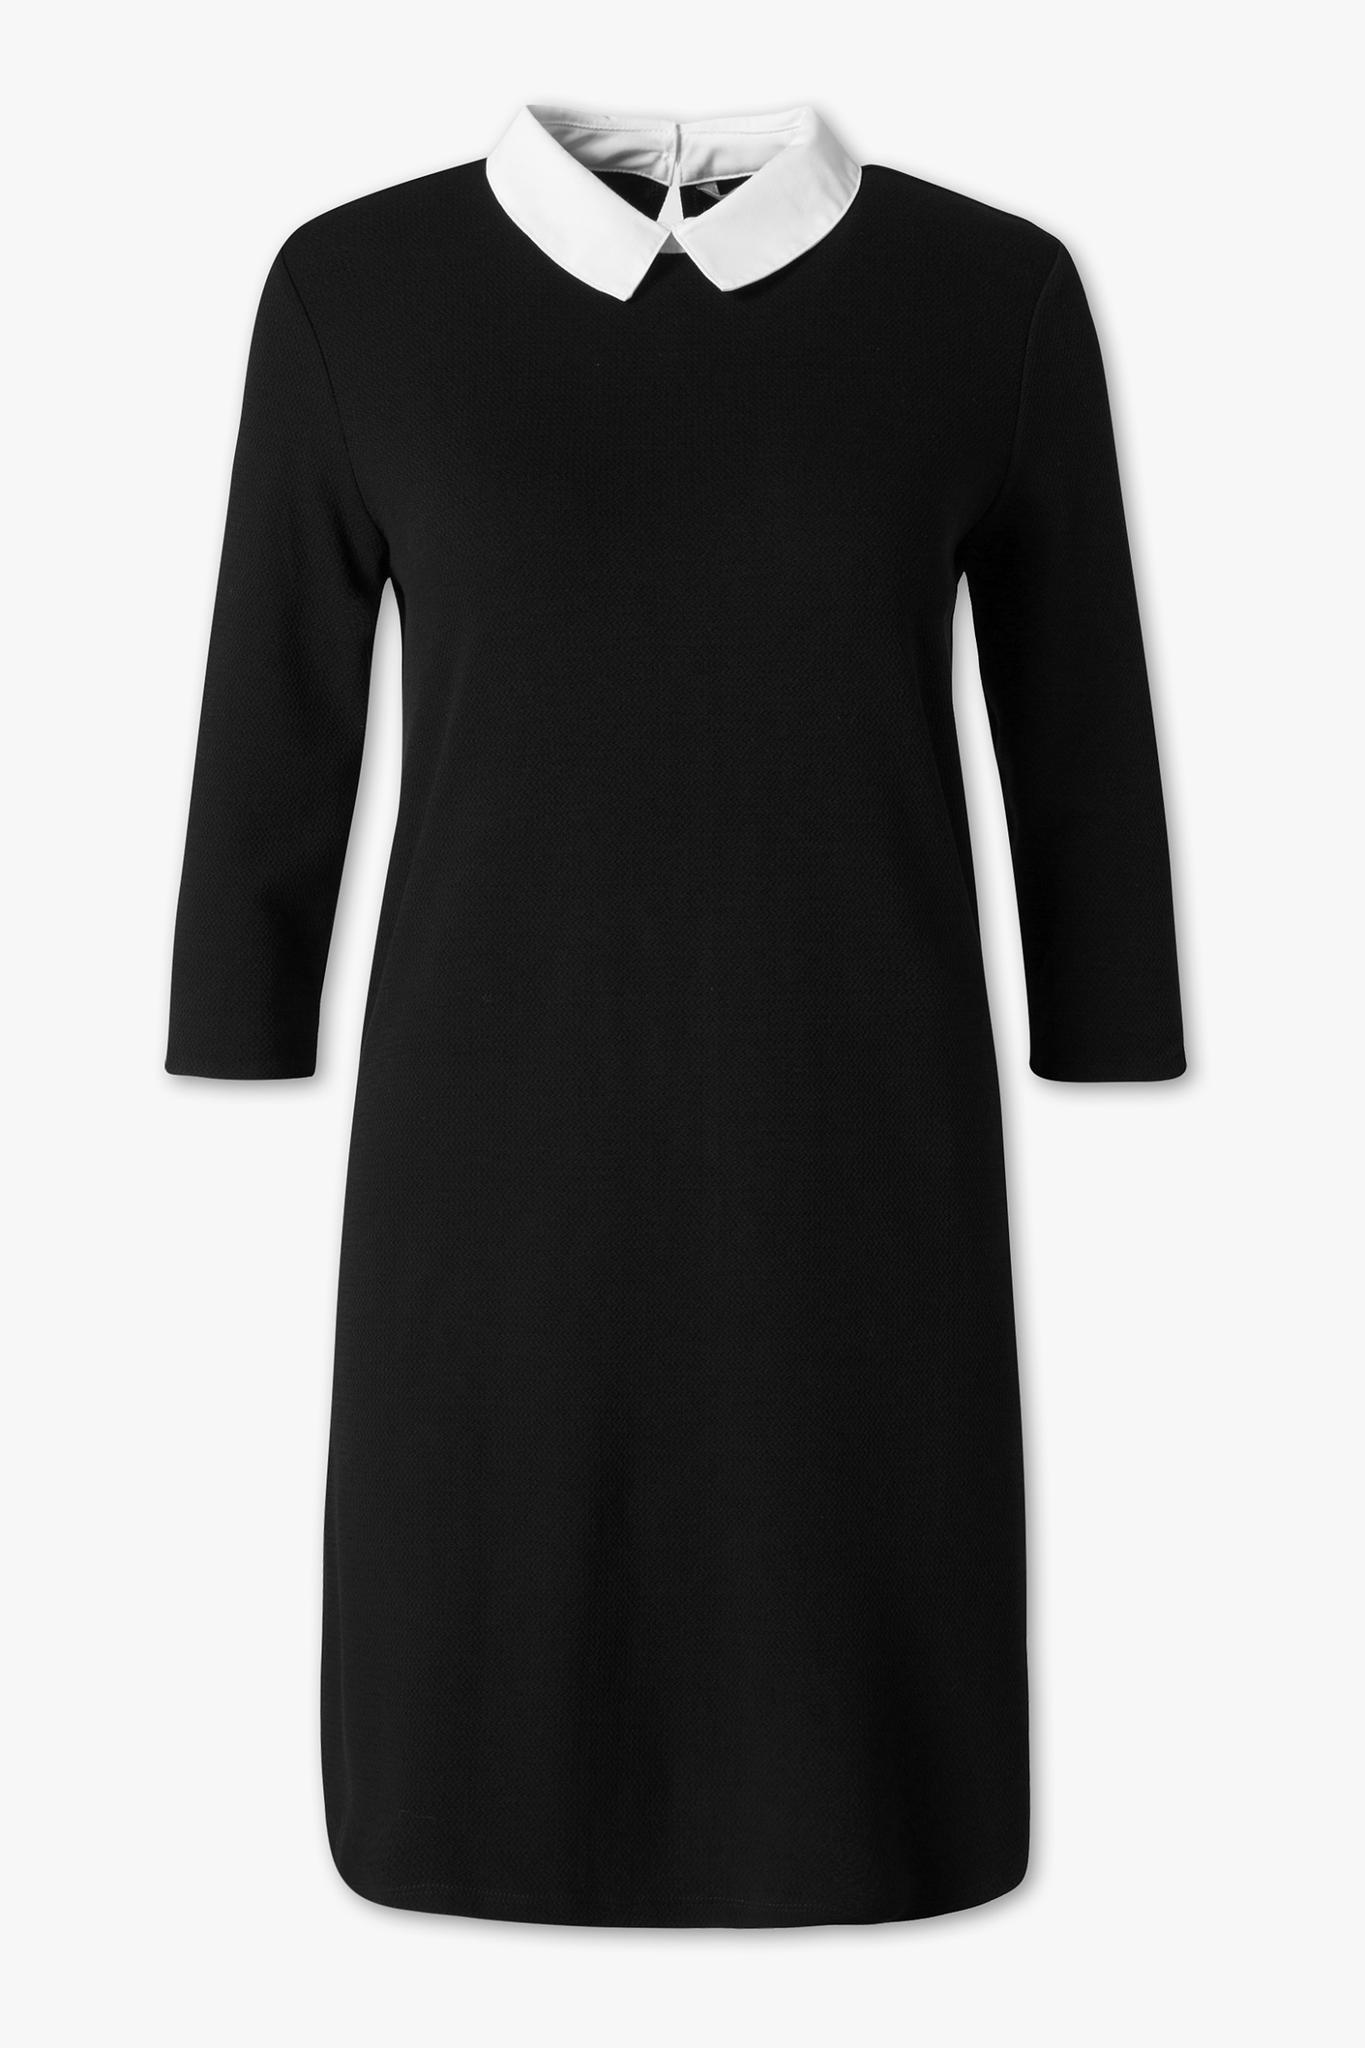 Schmales Kleid mit Kragen  von C&A